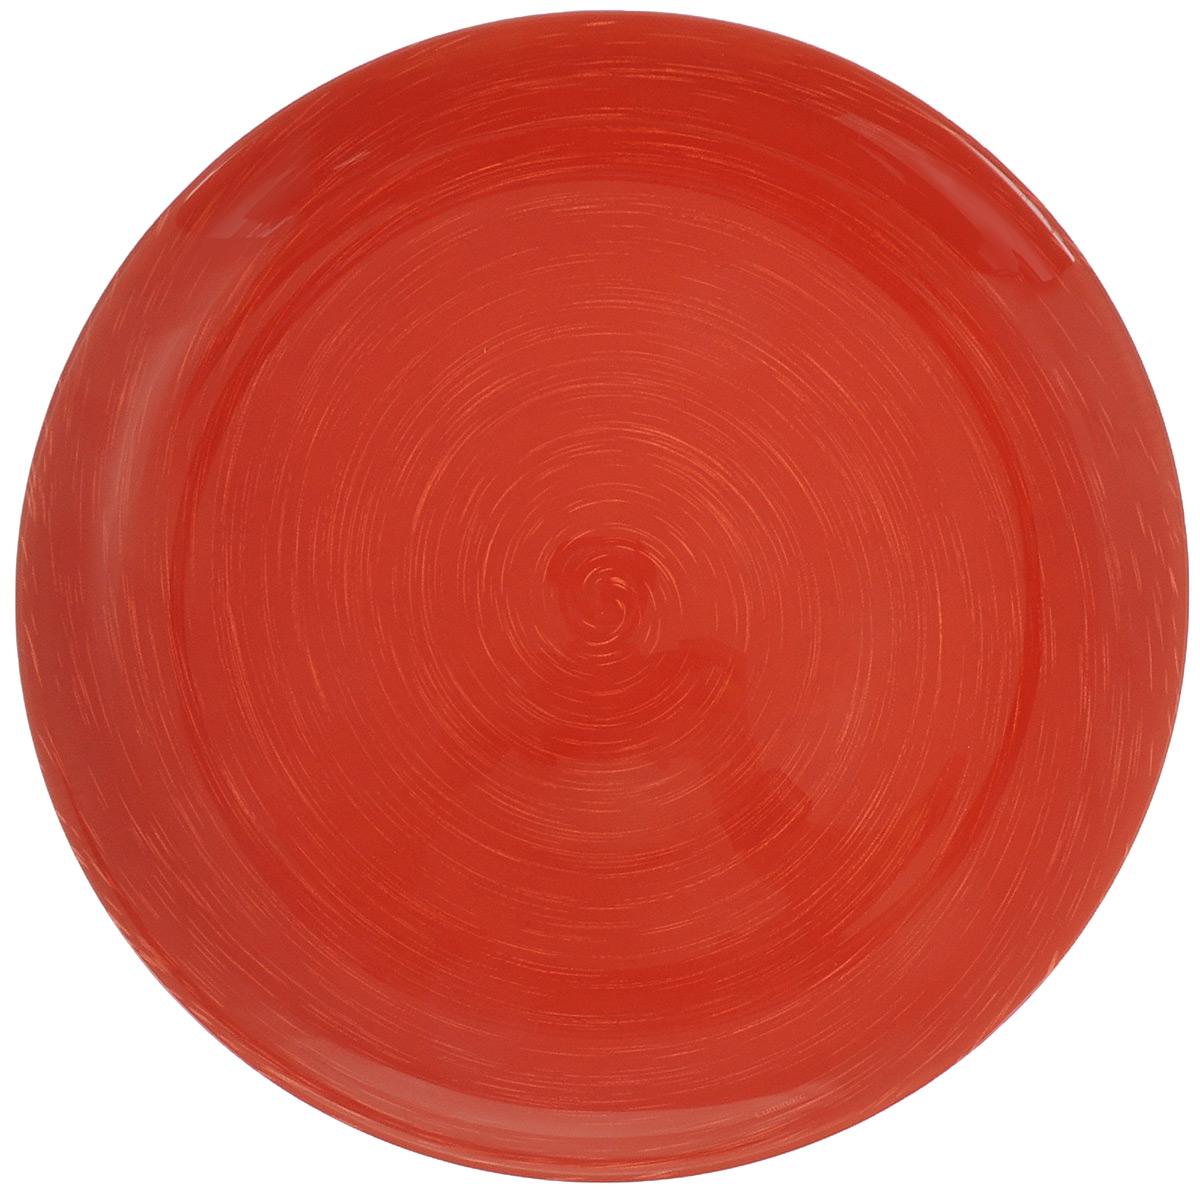 Тарелка Luminarc Stonemania, цвет: красный, белый, диаметр 25 смH3551Тарелка Luminarc Stonemania, изготовленная из ударопрочного стекла. Такая тарелка прекрасно подходит как для торжественных случаев, так и для повседневного использования. Идеальна для подачи десертов, пирожных, тортов и многого другого. Она прекрасно оформит стол и станет отличным дополнением к вашей коллекции кухонной посуды. Диаметр тарелки (по верхнему краю): 25 см. Высота тарелки: 2,2 см.